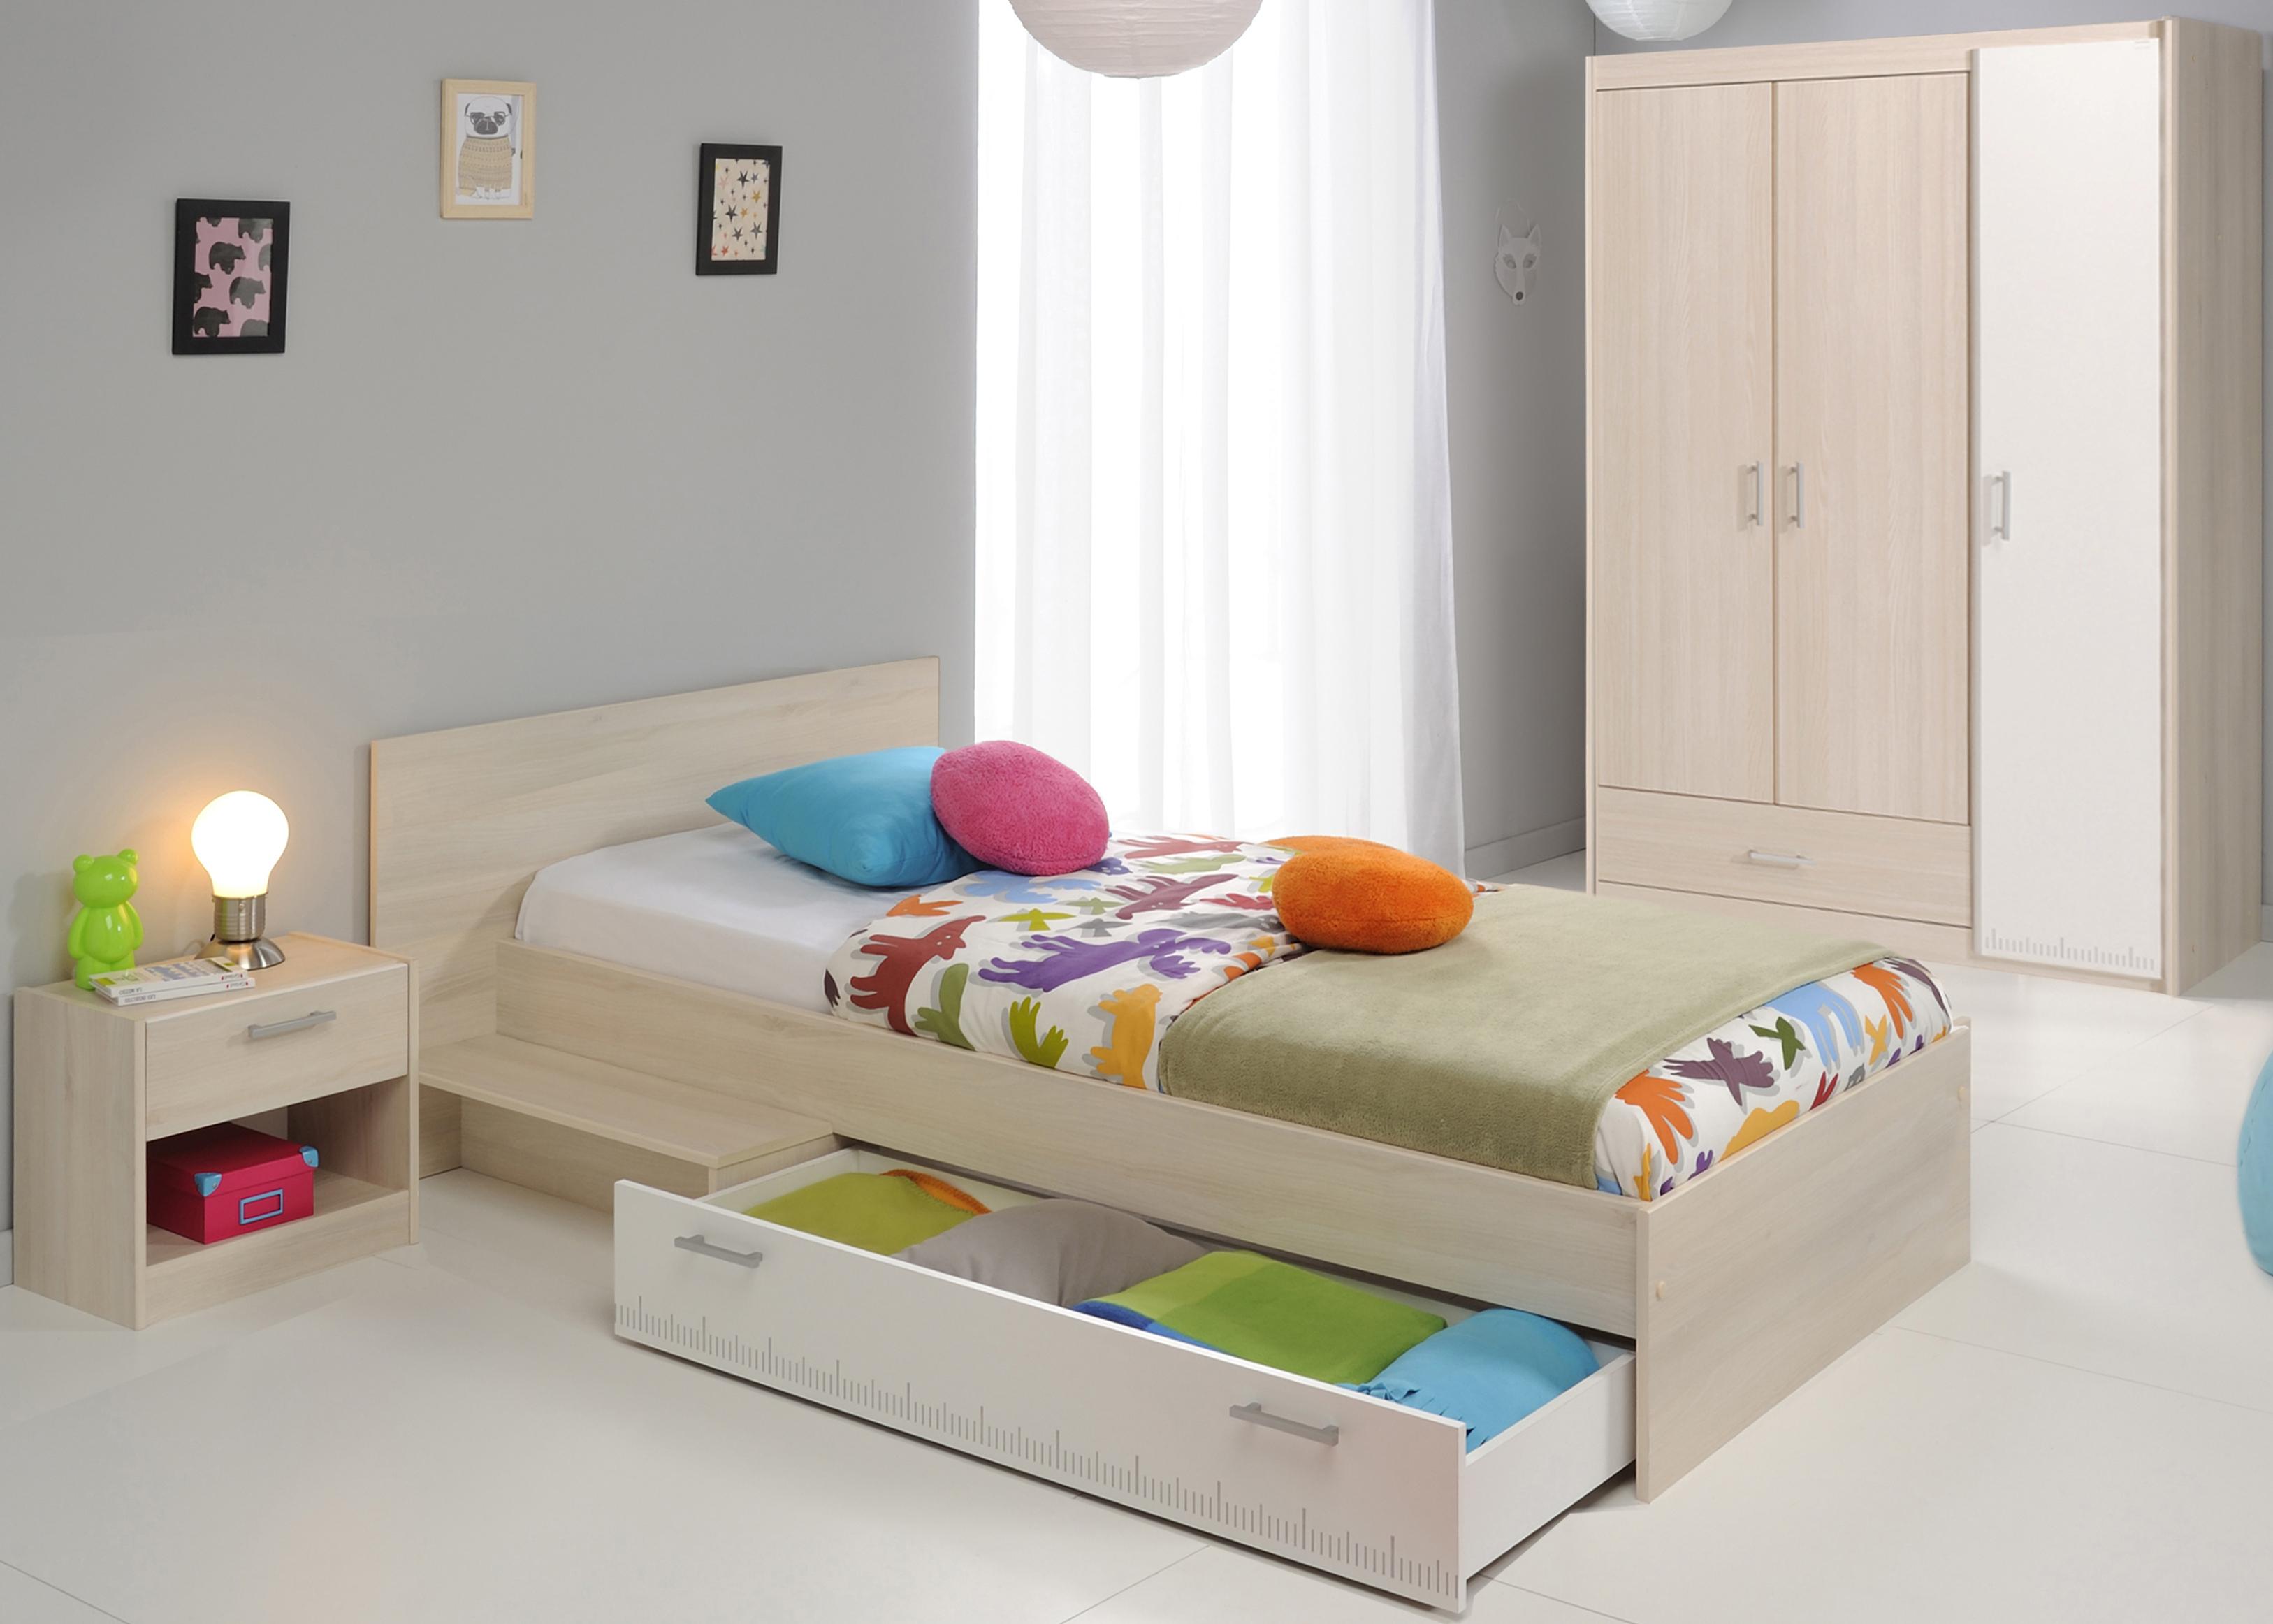 kinderzimmer charly14. Black Bedroom Furniture Sets. Home Design Ideas